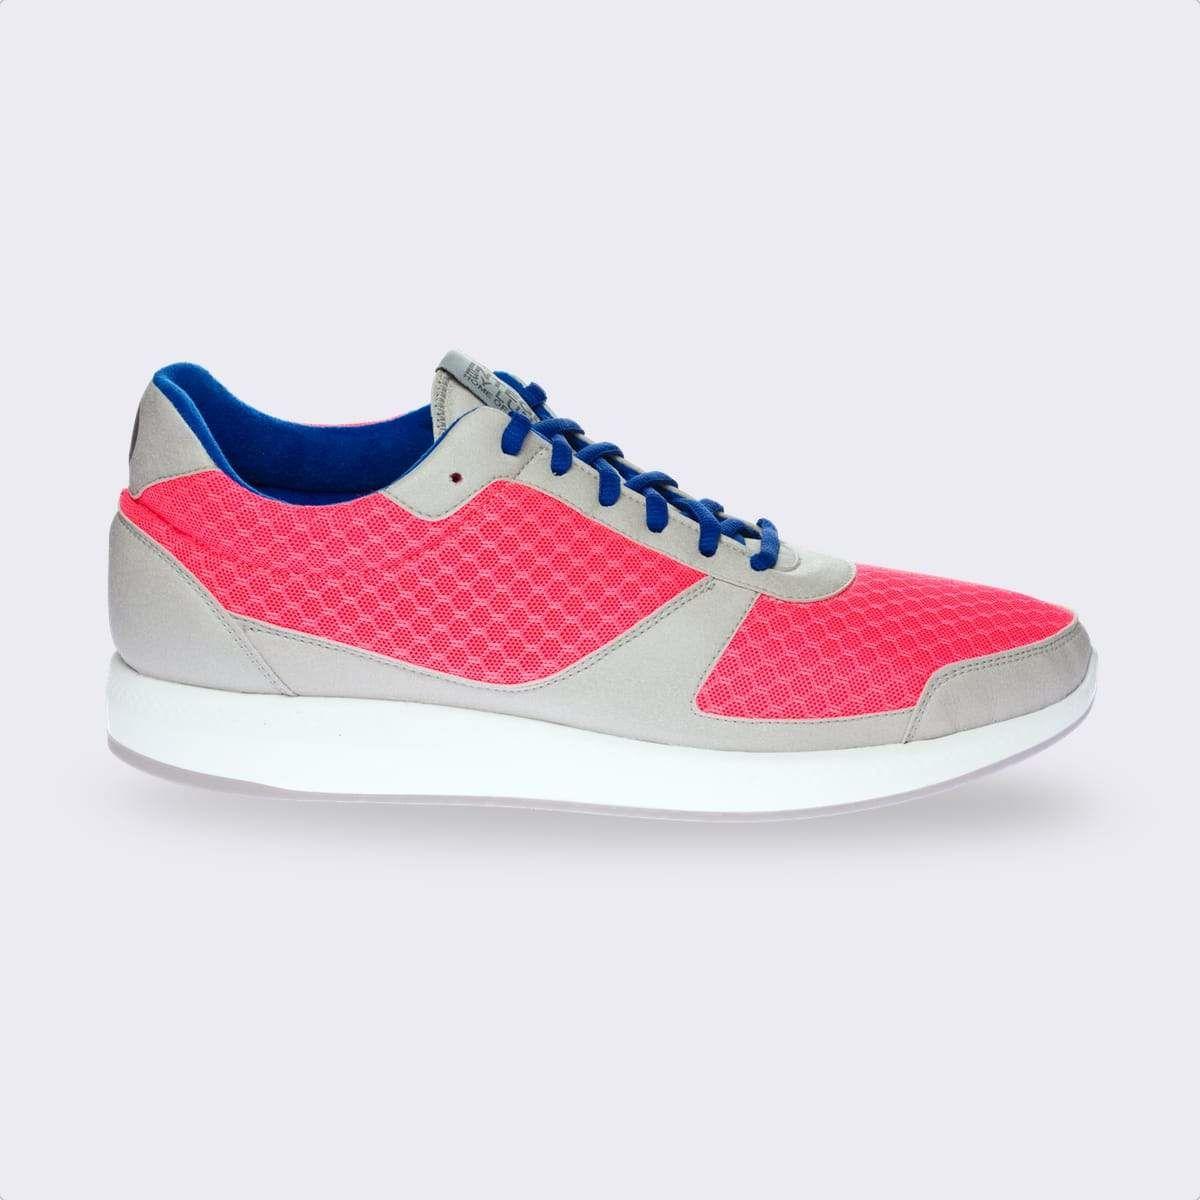 Lunge Damen Integer Run Rebound (Pink Grau Weiß)